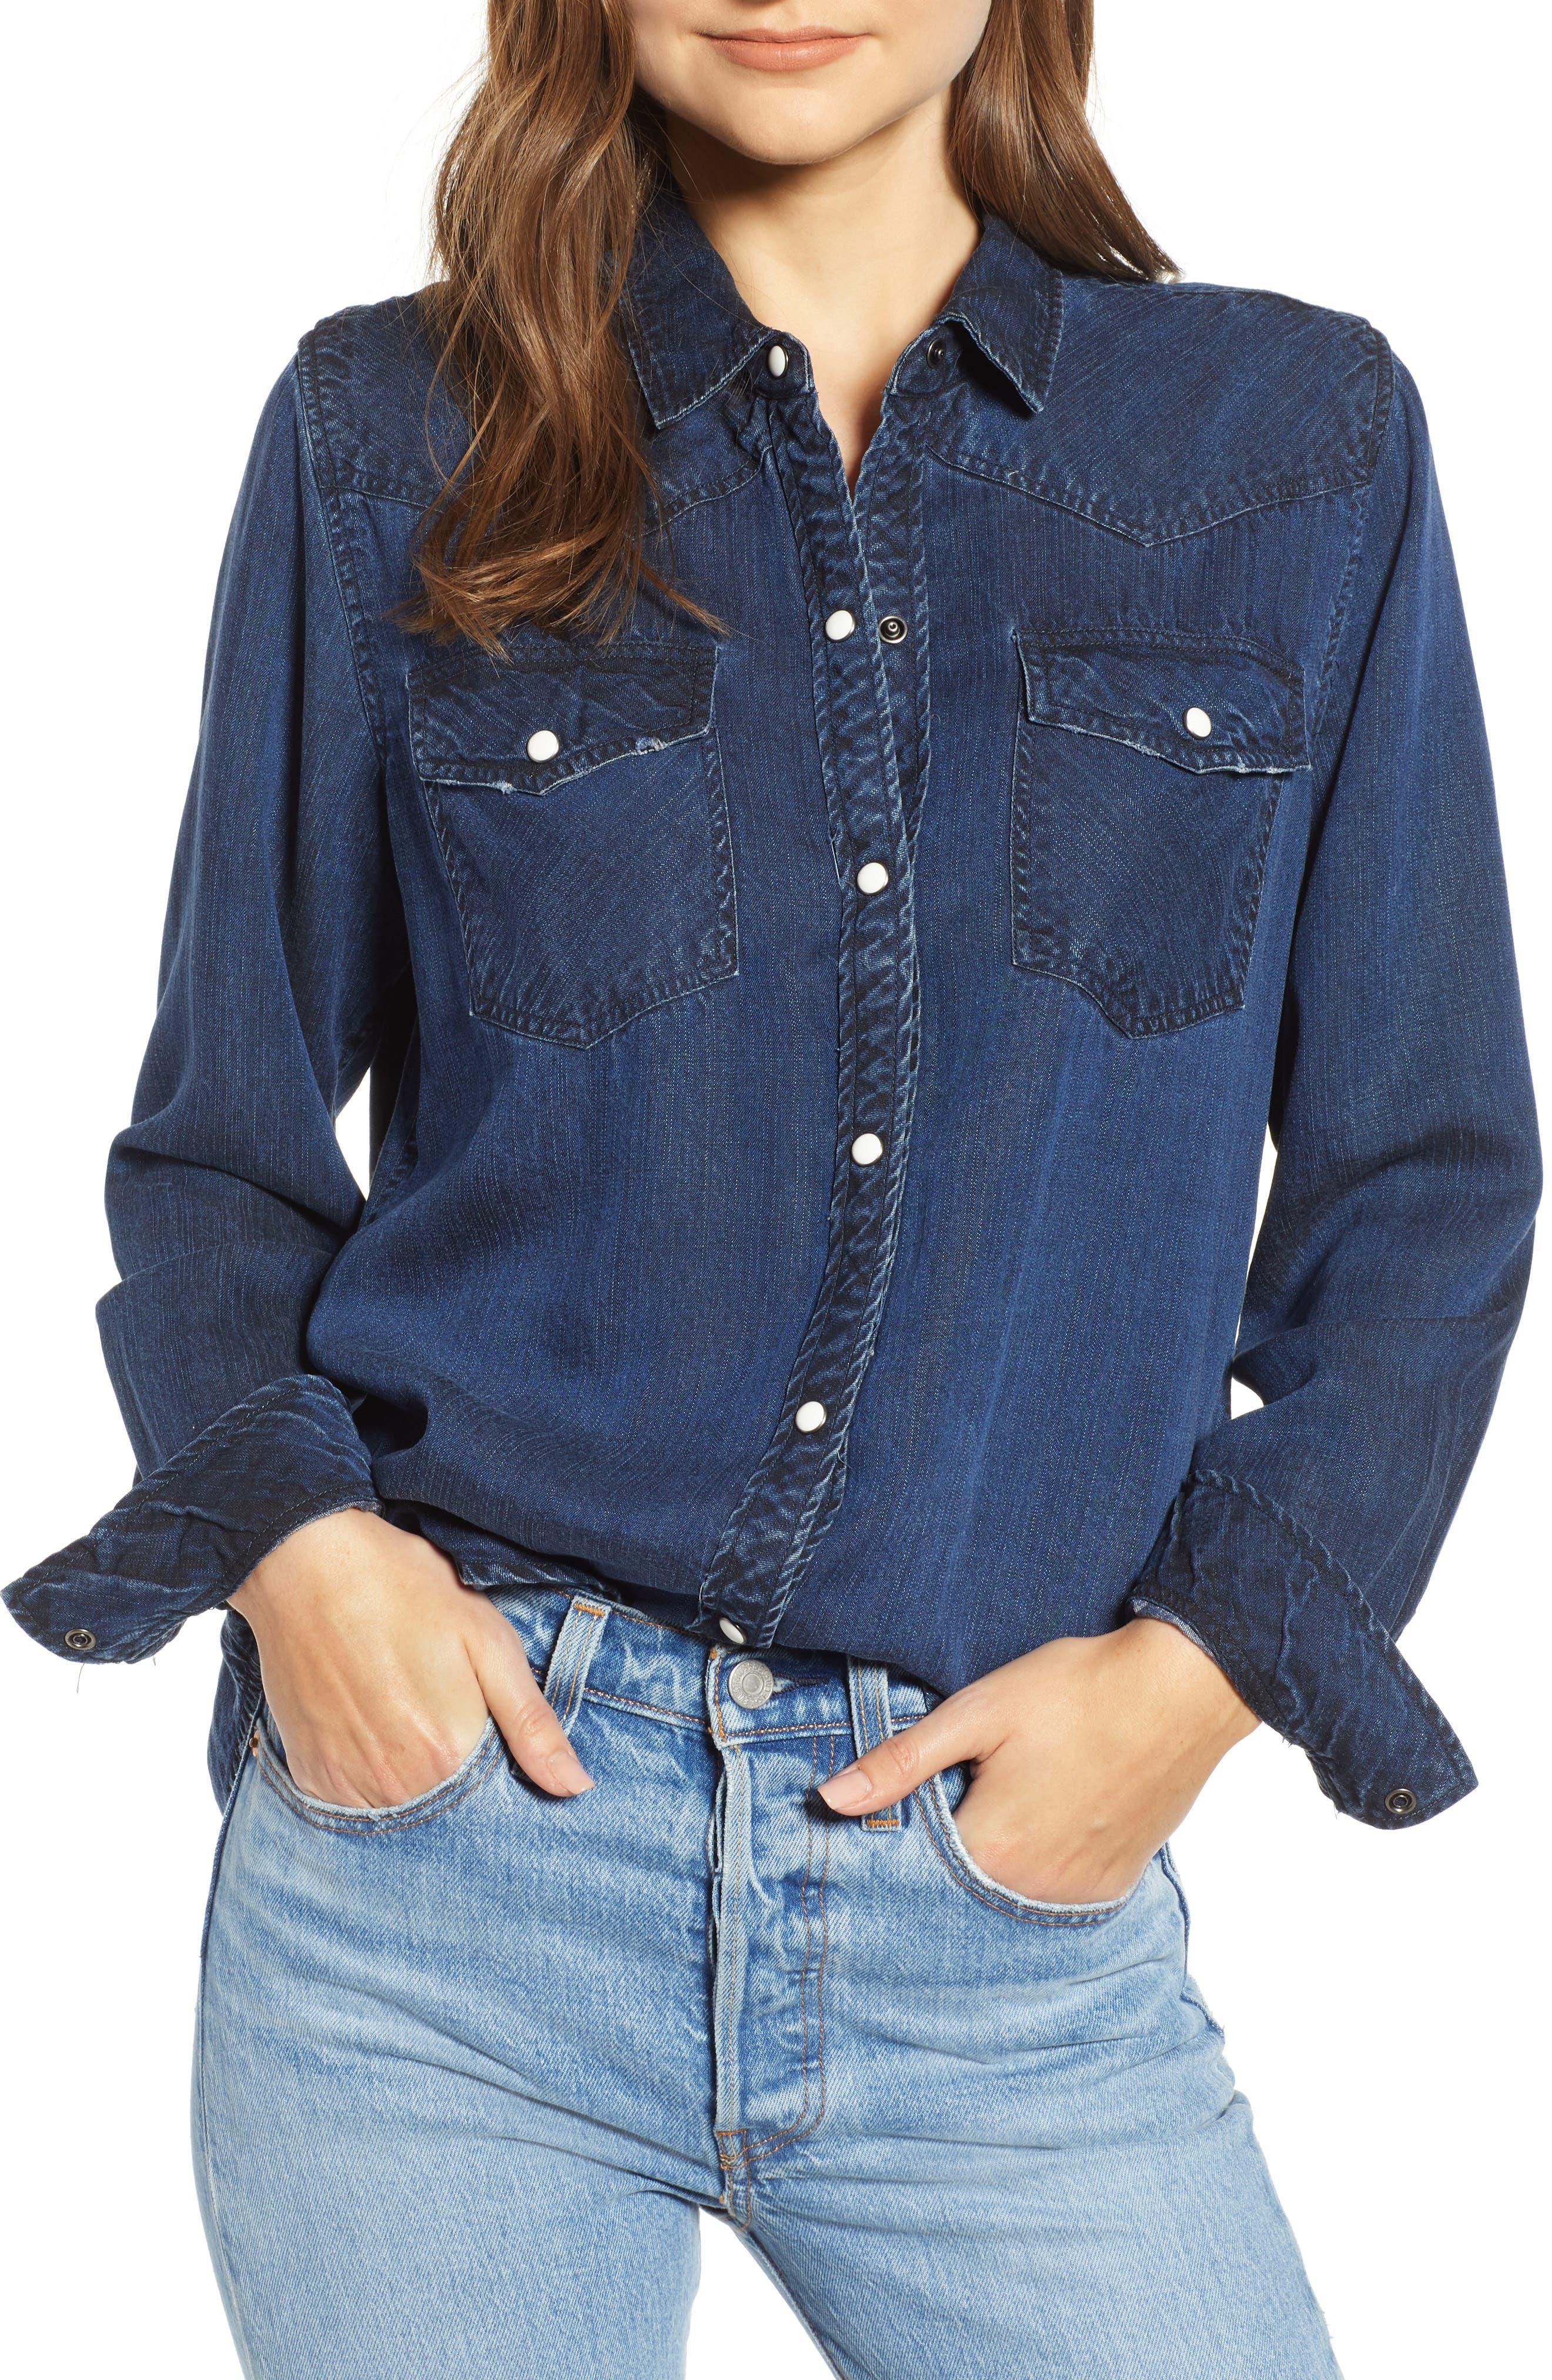 West Button Down Shirt,                             Main thumbnail 1, color,                             DARK VINTAGE LAPIS COAST WHITE